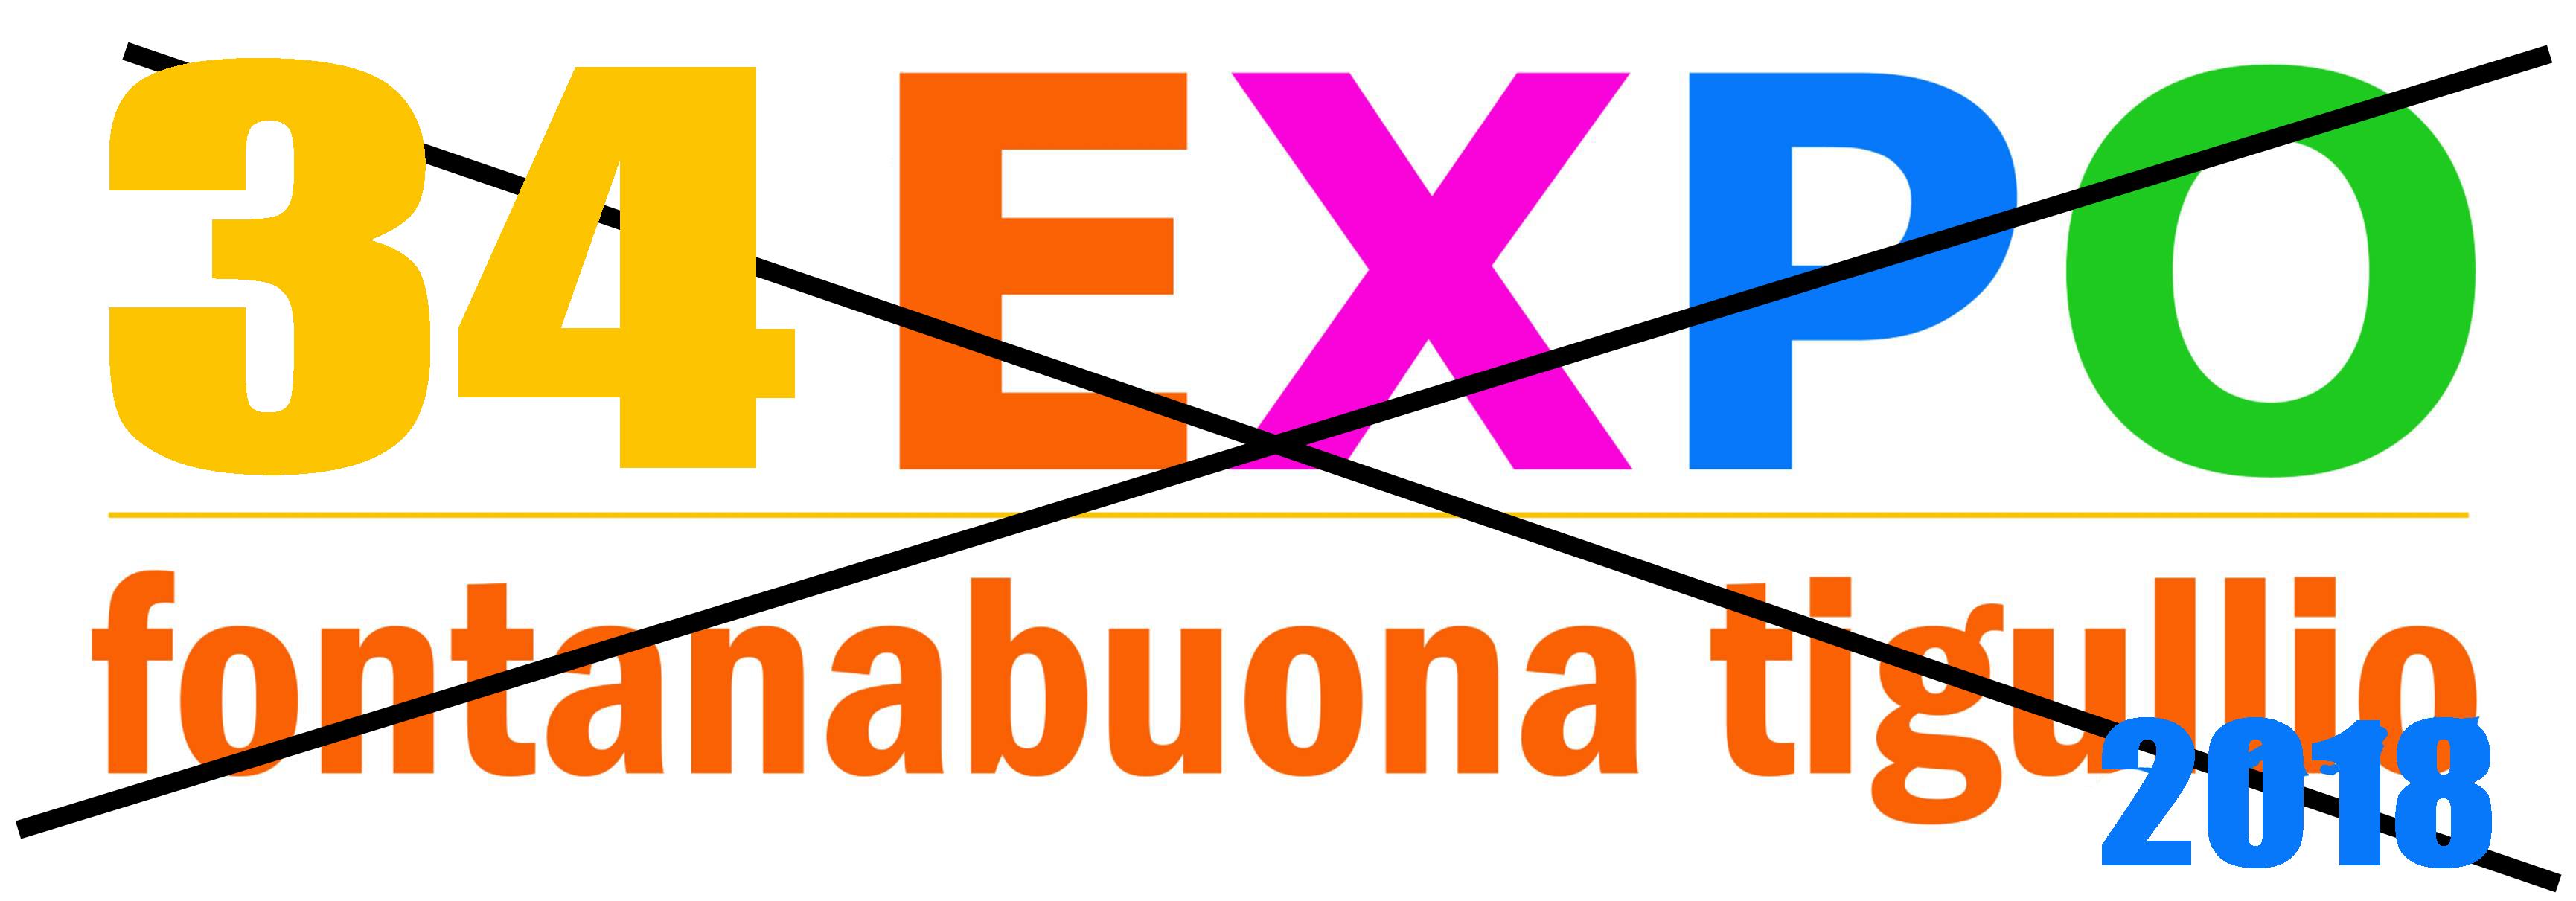 L'EXPO FONTANABUONA NON SI FARA' - La motivazione è piuttosto curiosa